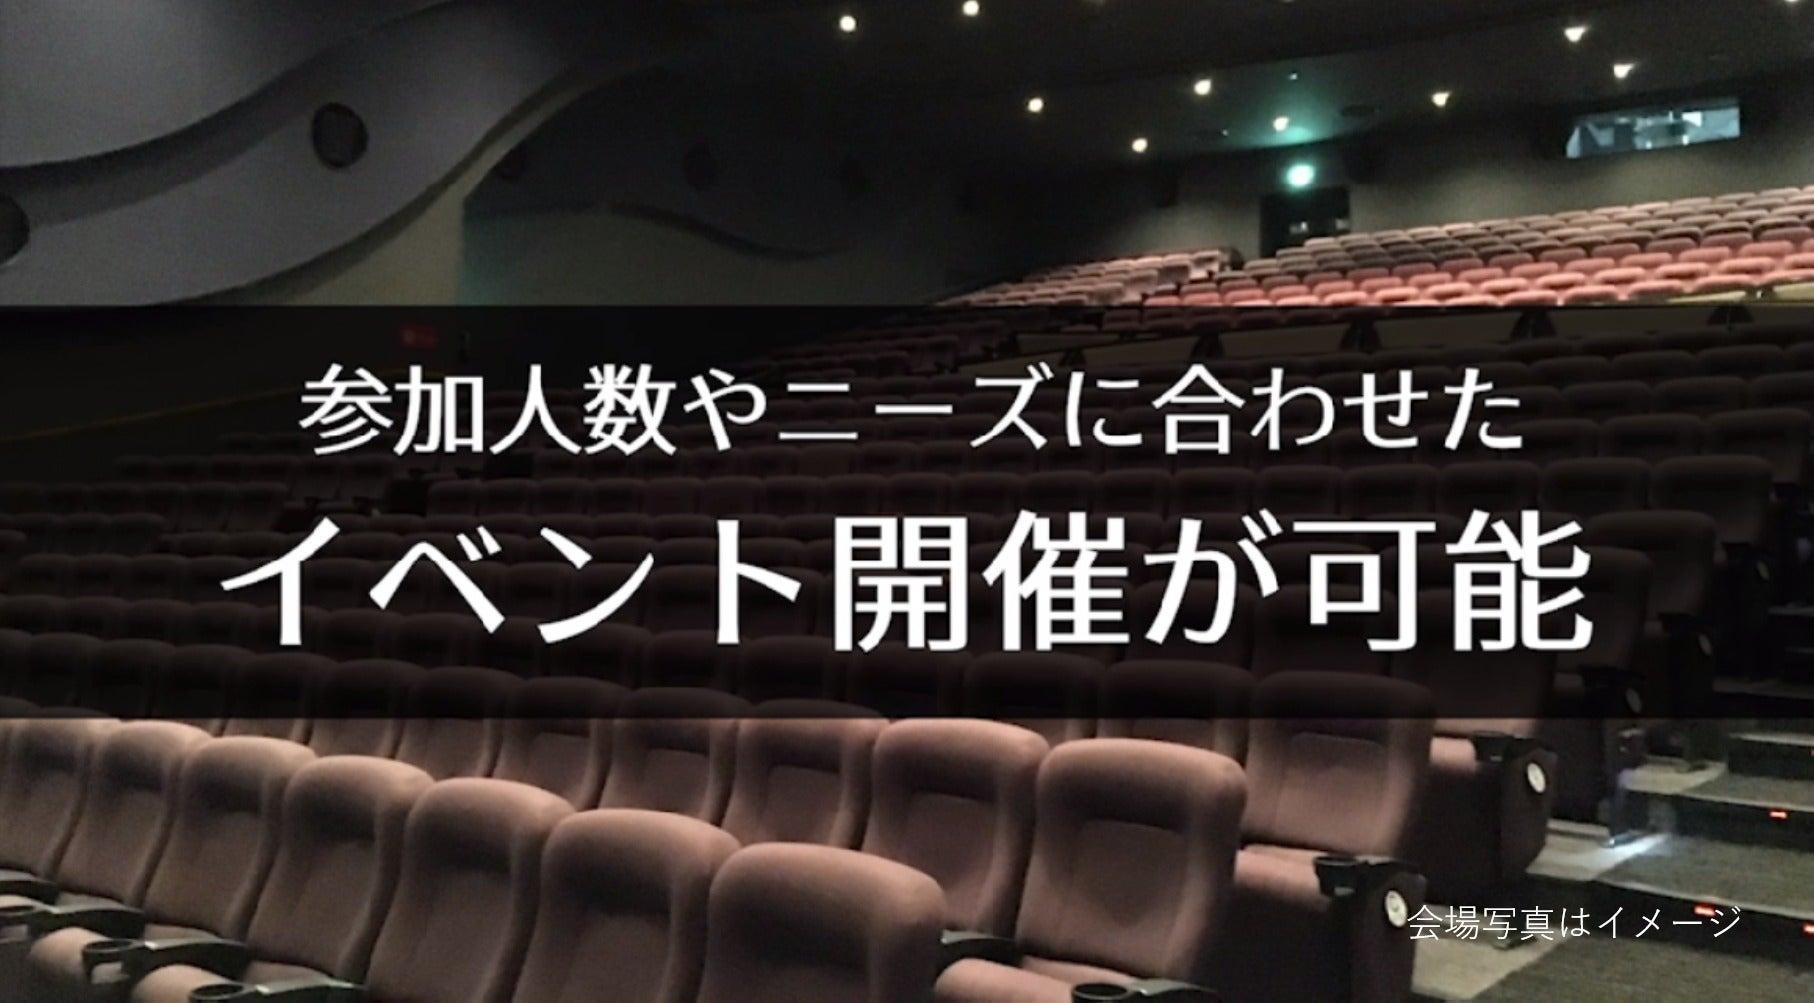 【金沢 272席】映画館で、会社説明会、株主総会、講演会の企画はいかがですか?